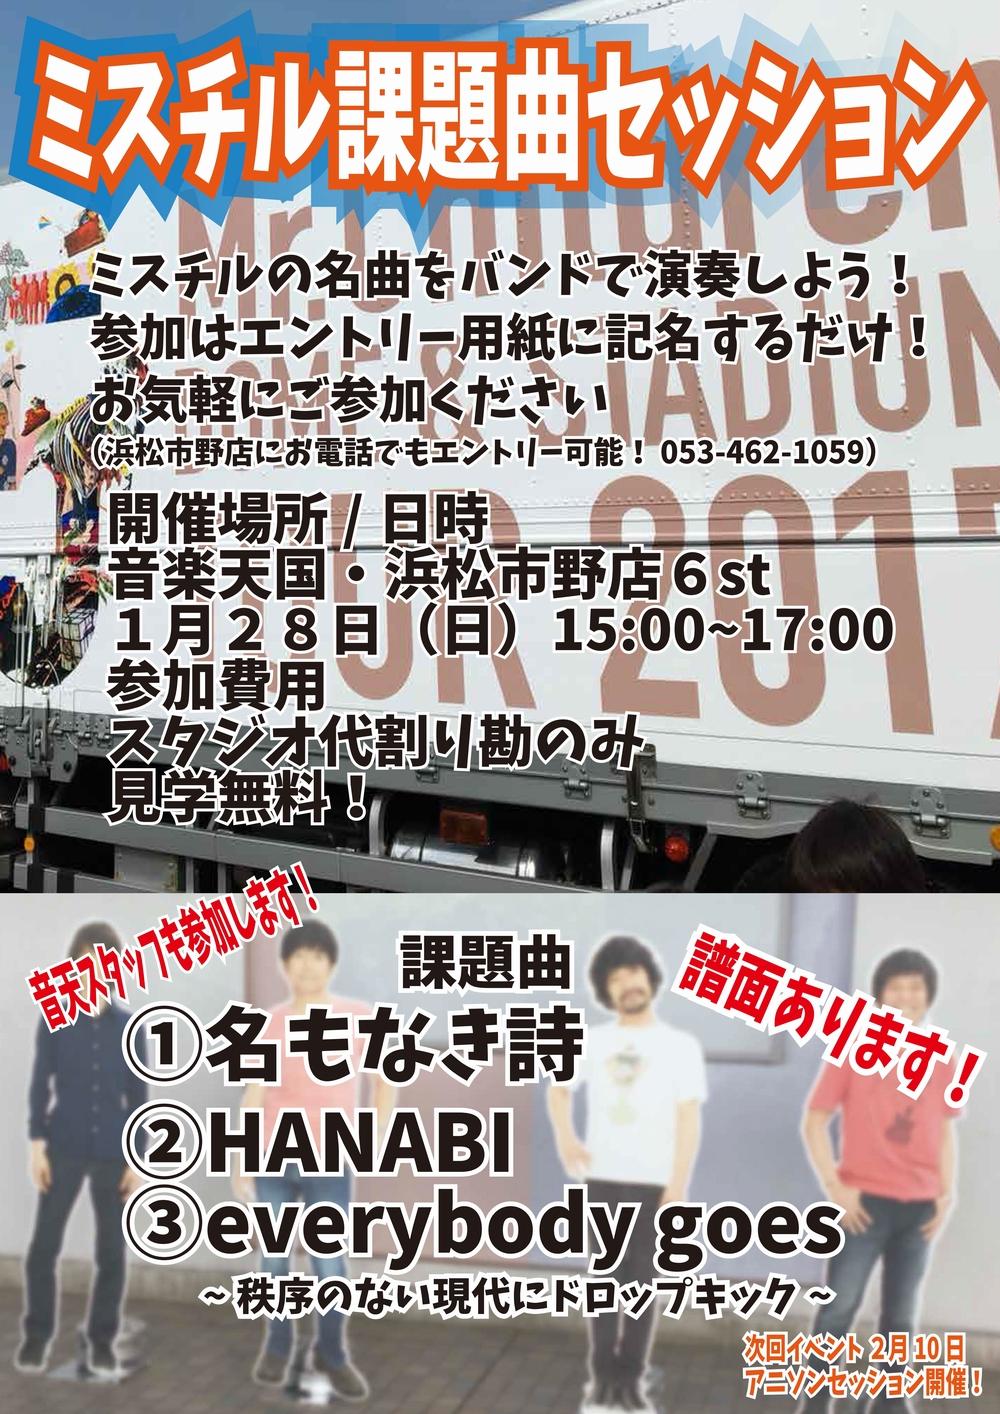 【ミスチル課題曲セッション天国】音楽天国・浜松市野店1月28日(日)開催